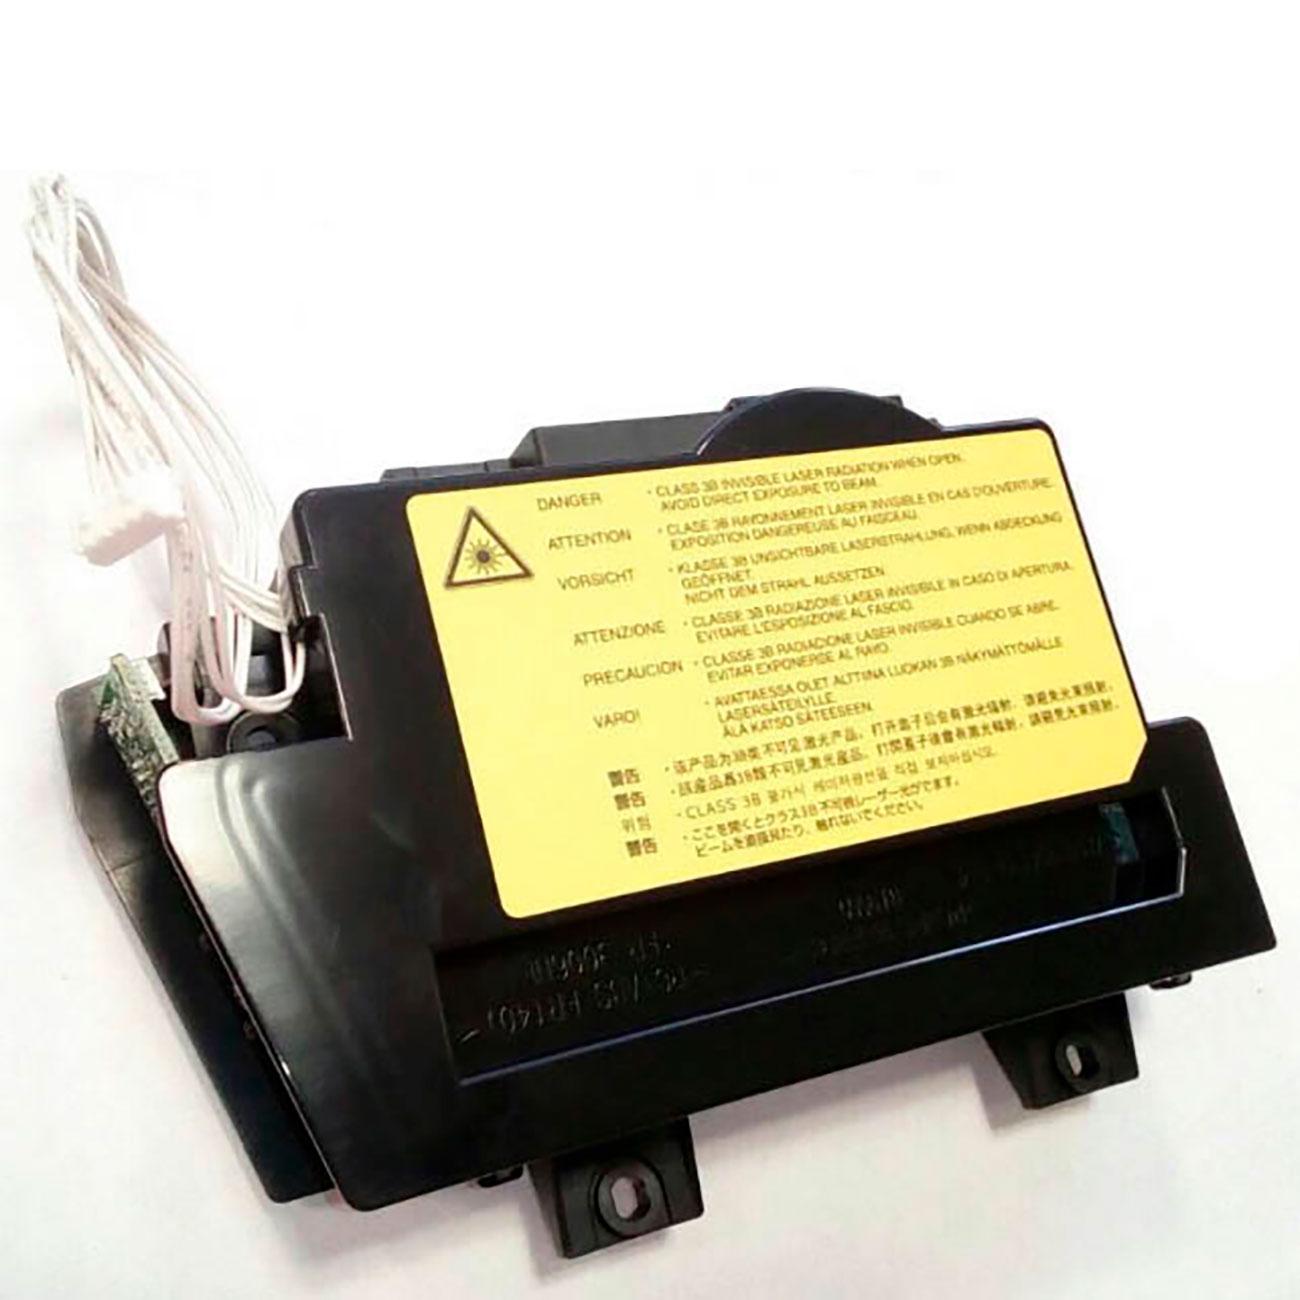 Фото Блок лазера Kyocera LK-1110 для Kyocera FS-1040, FS-1060DN, FS-1020MFP, FS-1120MFP {302M293060}